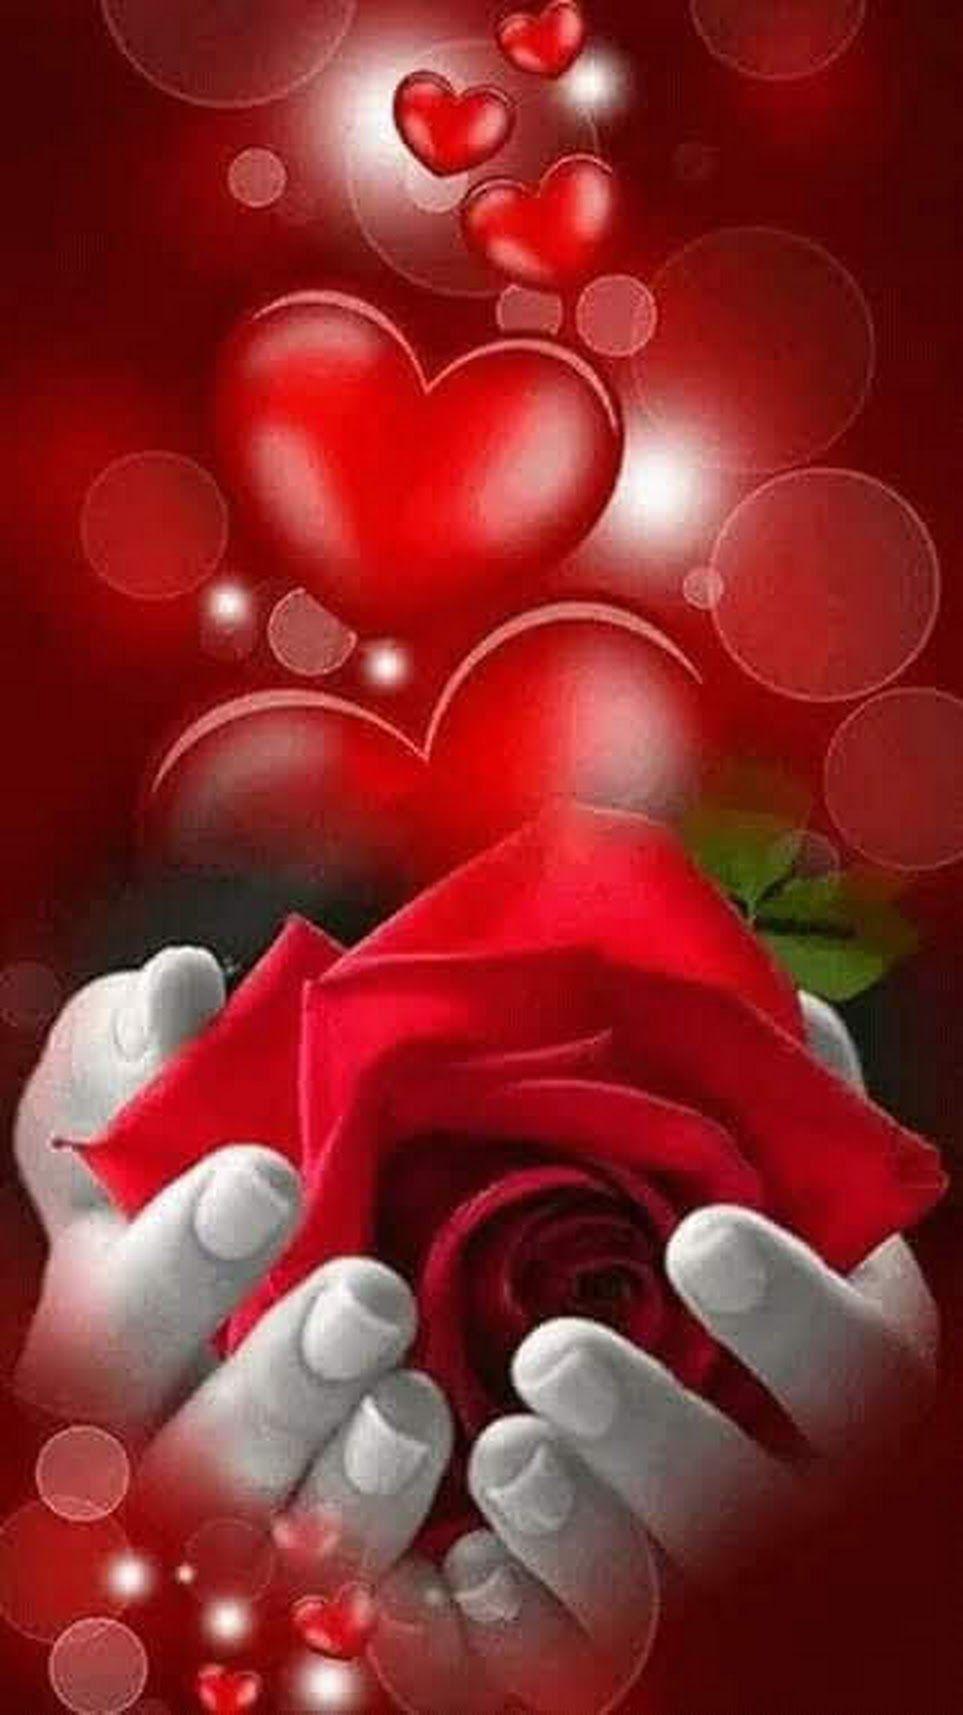 Pin by Szafulska on Kwiaty   Piękne róże, Zdjęcia miłosne